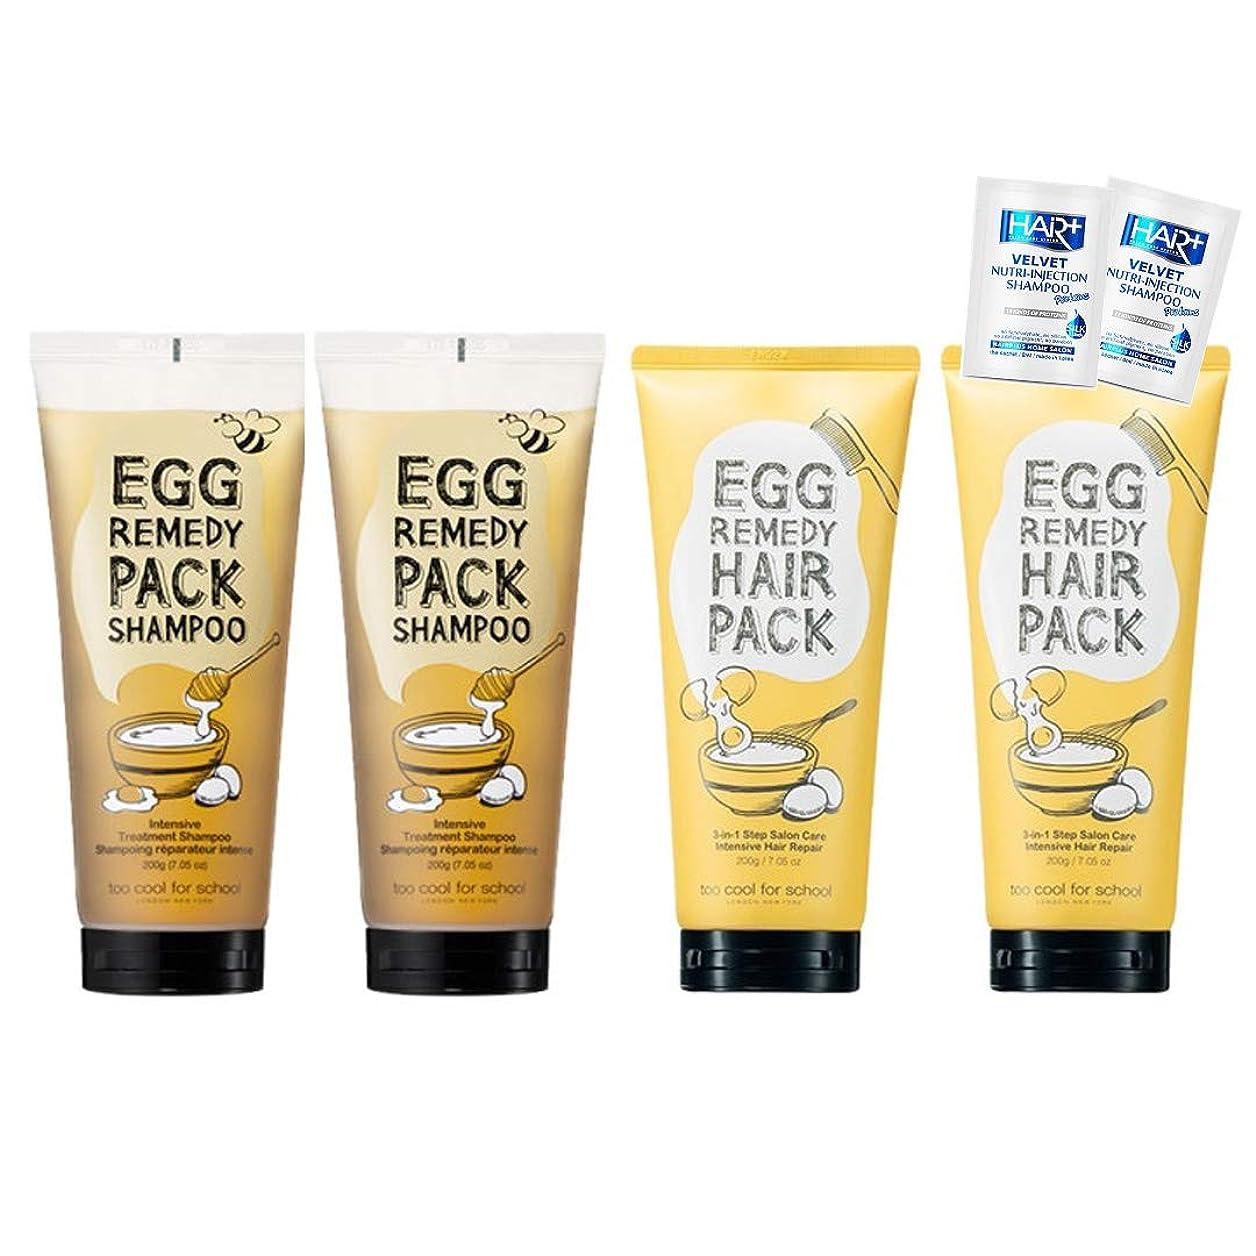 パン文化ステートメントトゥークールフォ―スクール(too cool for school)/エッグレミディパックシャンプーtoo cool for school Egg Remedy Pack Shampoo 200ml X 2EA + エッグレミディヘアパック/ too cool for school Egg Remedy Hair Pack 200ML X 2EA[並行輸入品]+non silicon shampoo 8ml